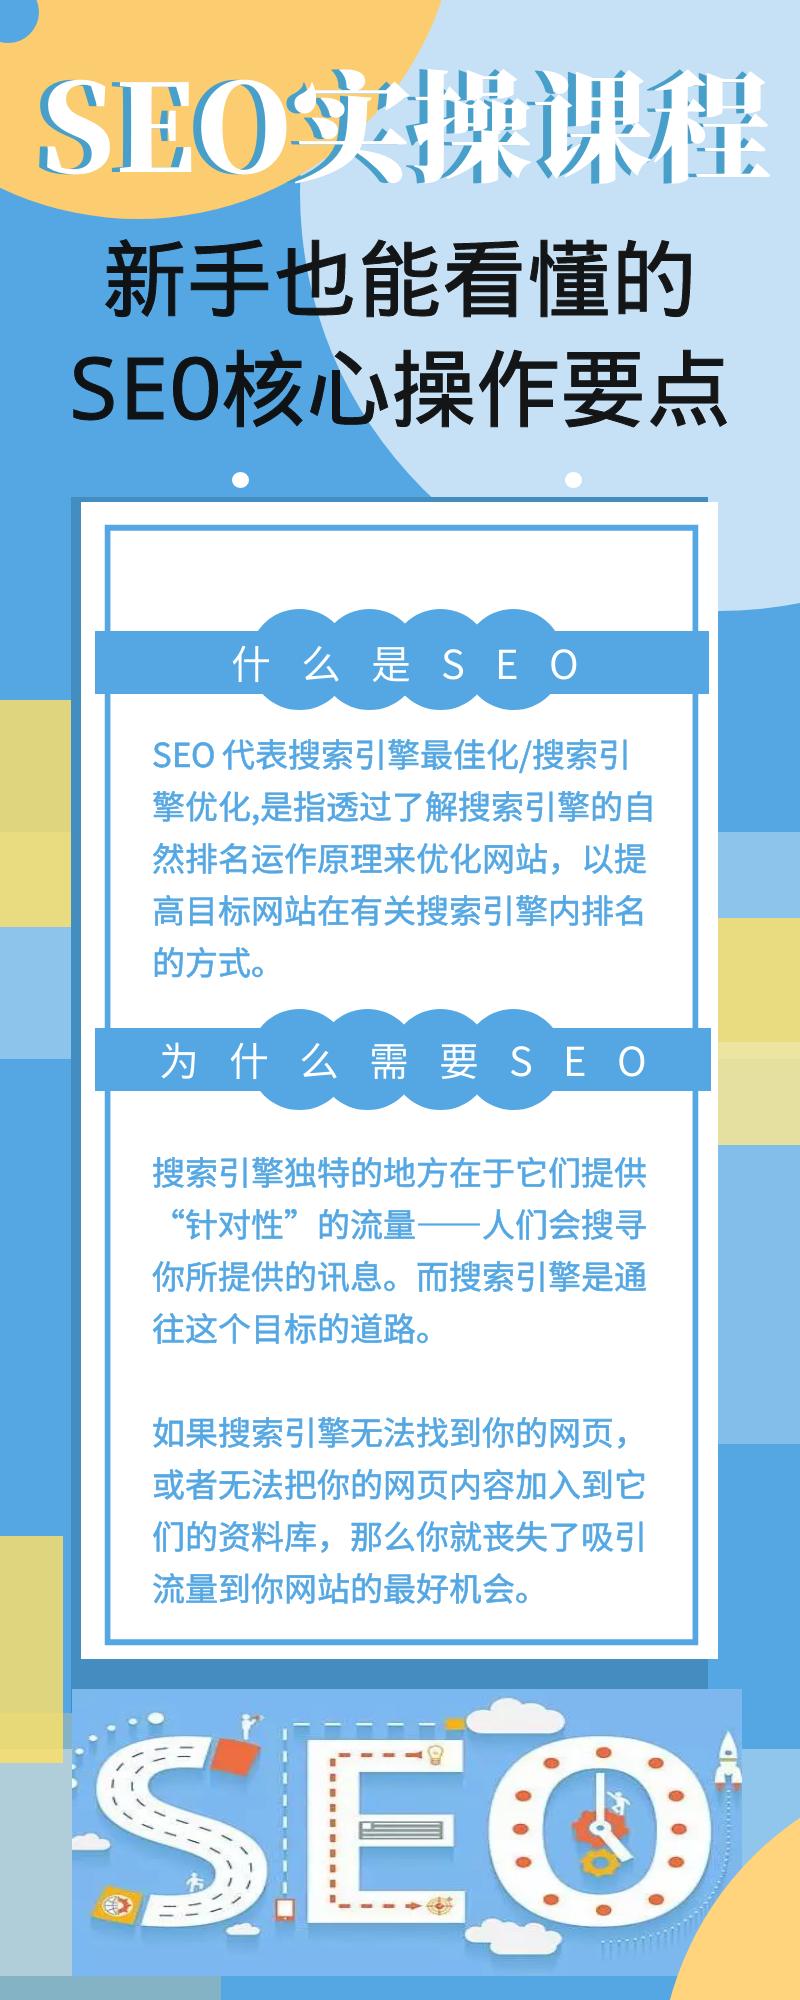 【第3537期】广告营销—搜索引擎优化 SEO实操课程:新手也能看懂的SEO核心操作要点.png